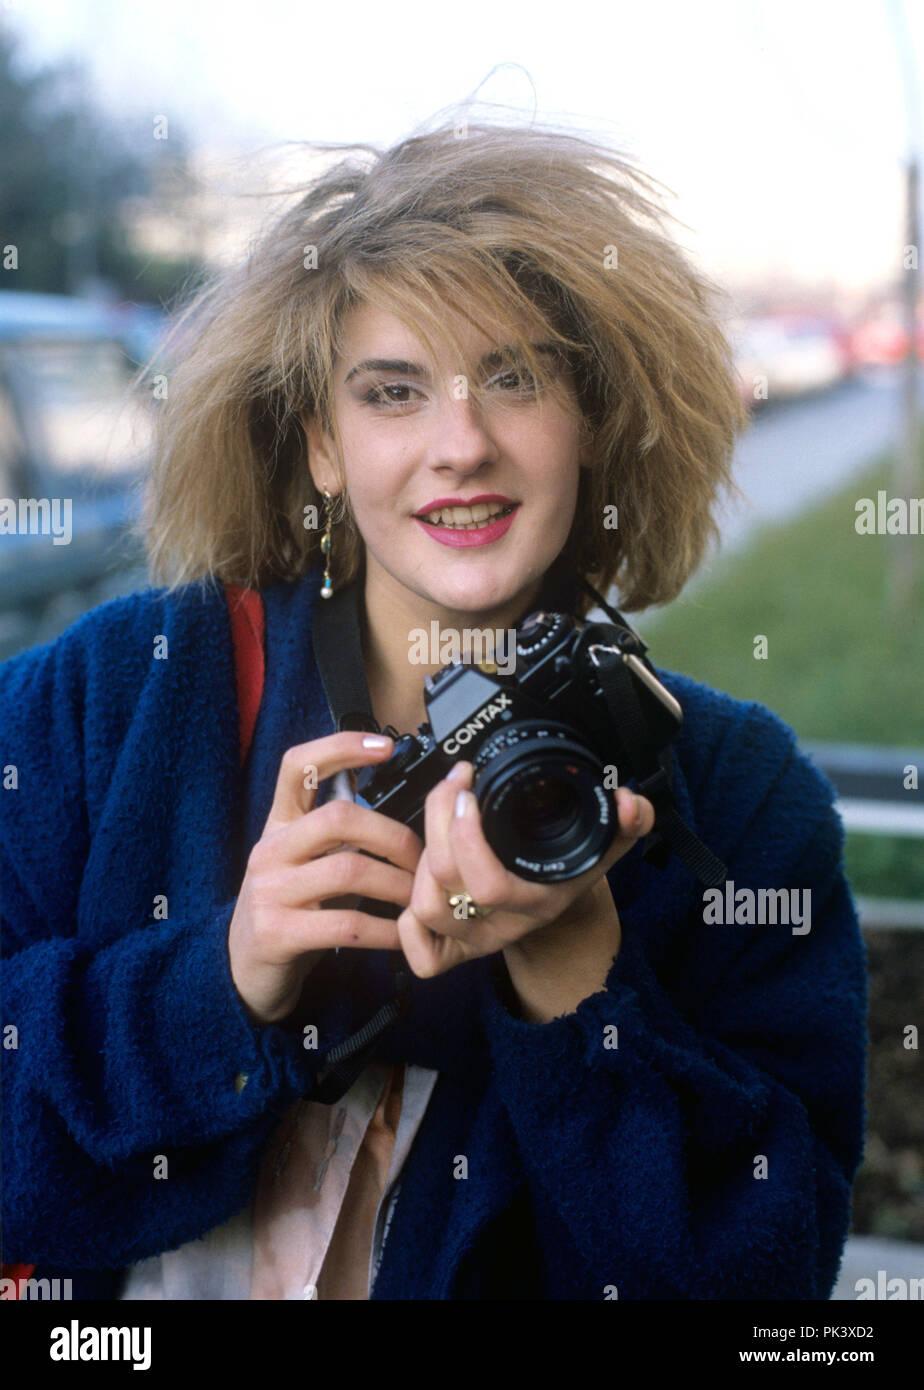 Valerie Dore on 12.12.1984 in München / Munich. | usage worldwide Stock Photo